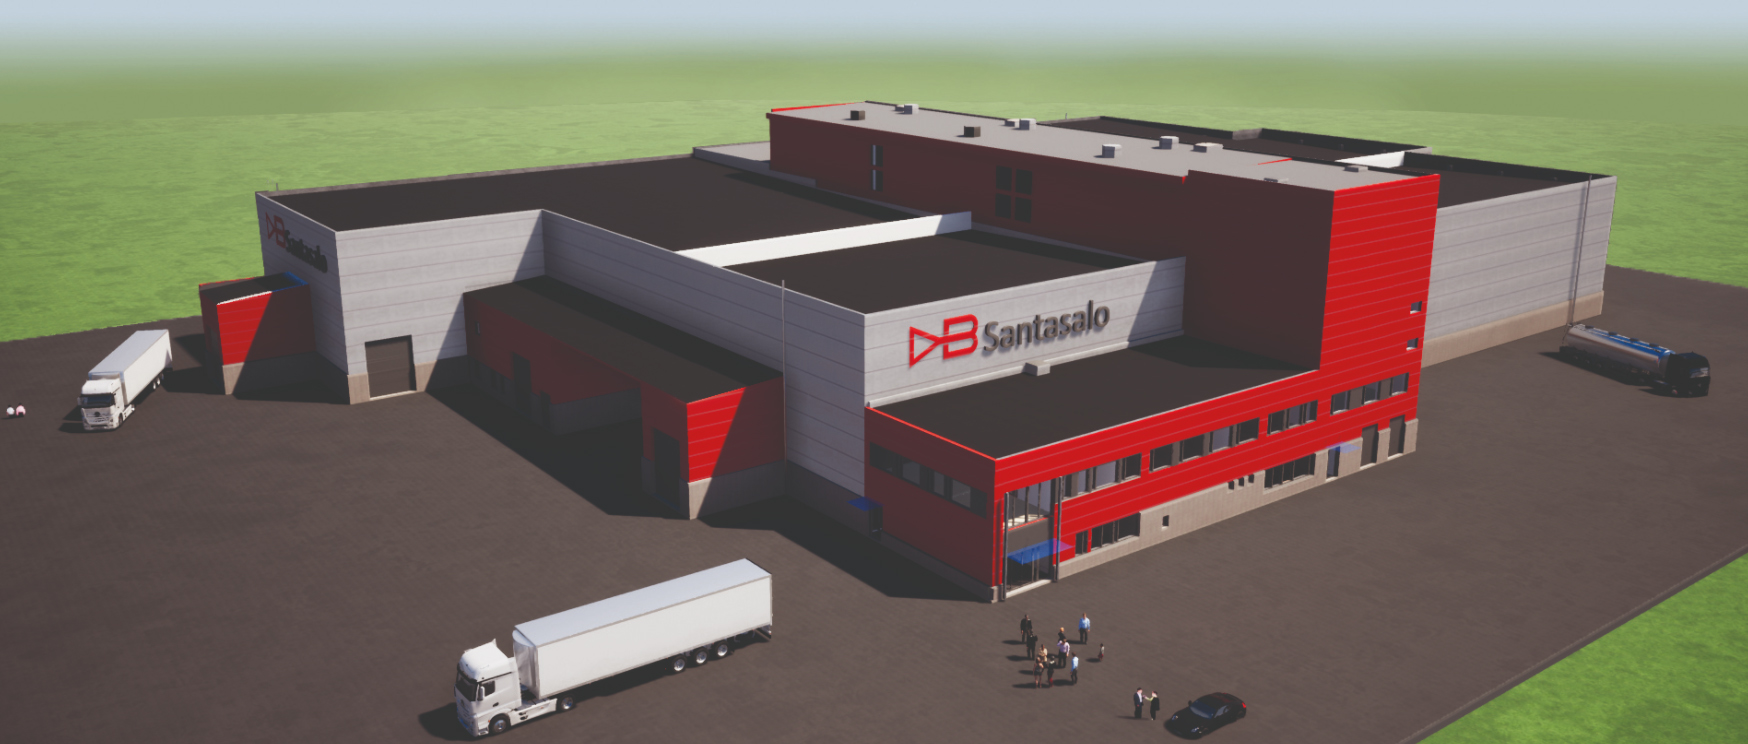 Jykia rakennuttaa David Brown Santasalolle uuden tuotantolaitoksen Jyväskylän Eteläporttiin